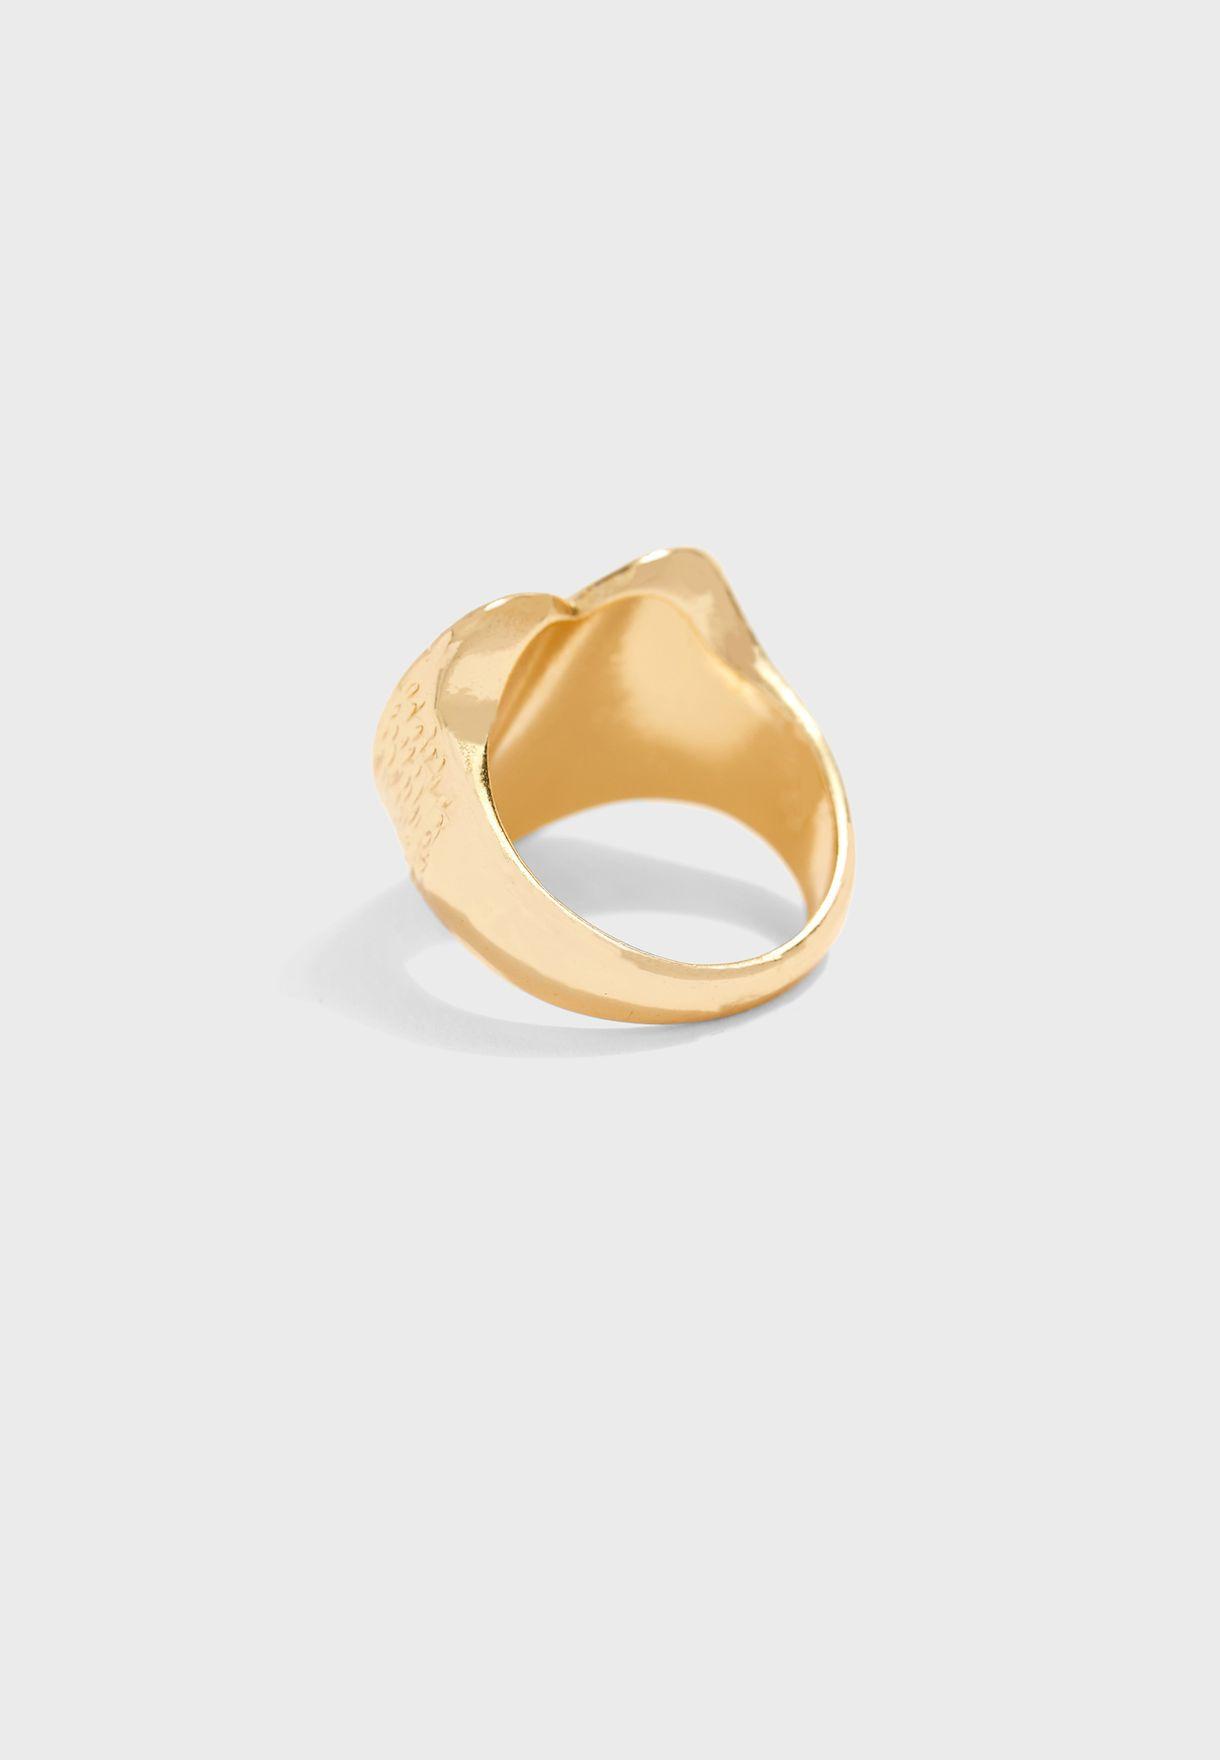 خاتم شكل قلب